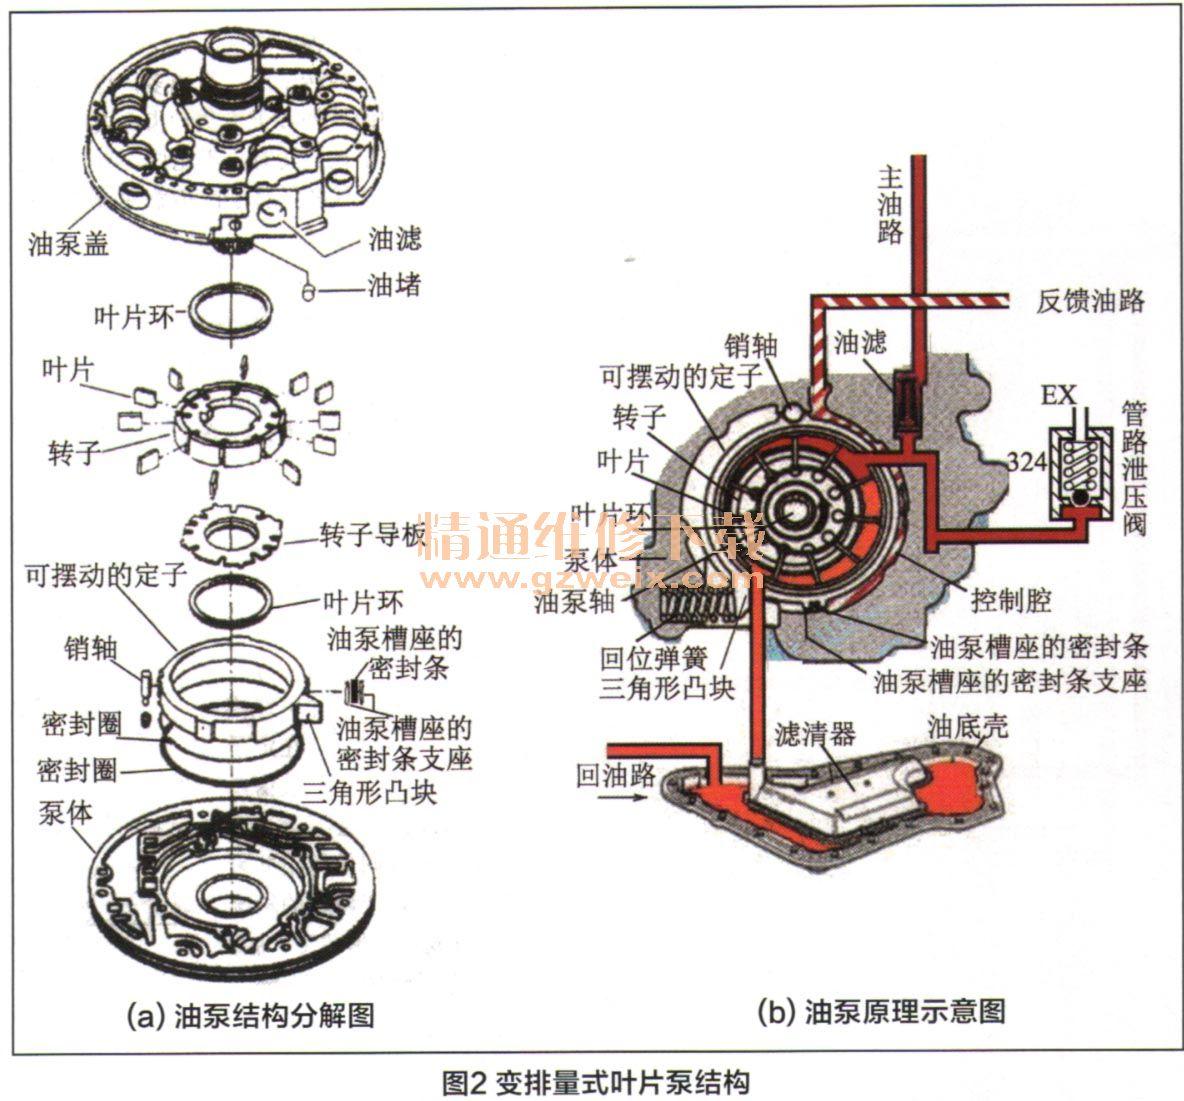 通用汽车4t65e型自动变速器采用变排量式叶片泵,该油泵的结构图片